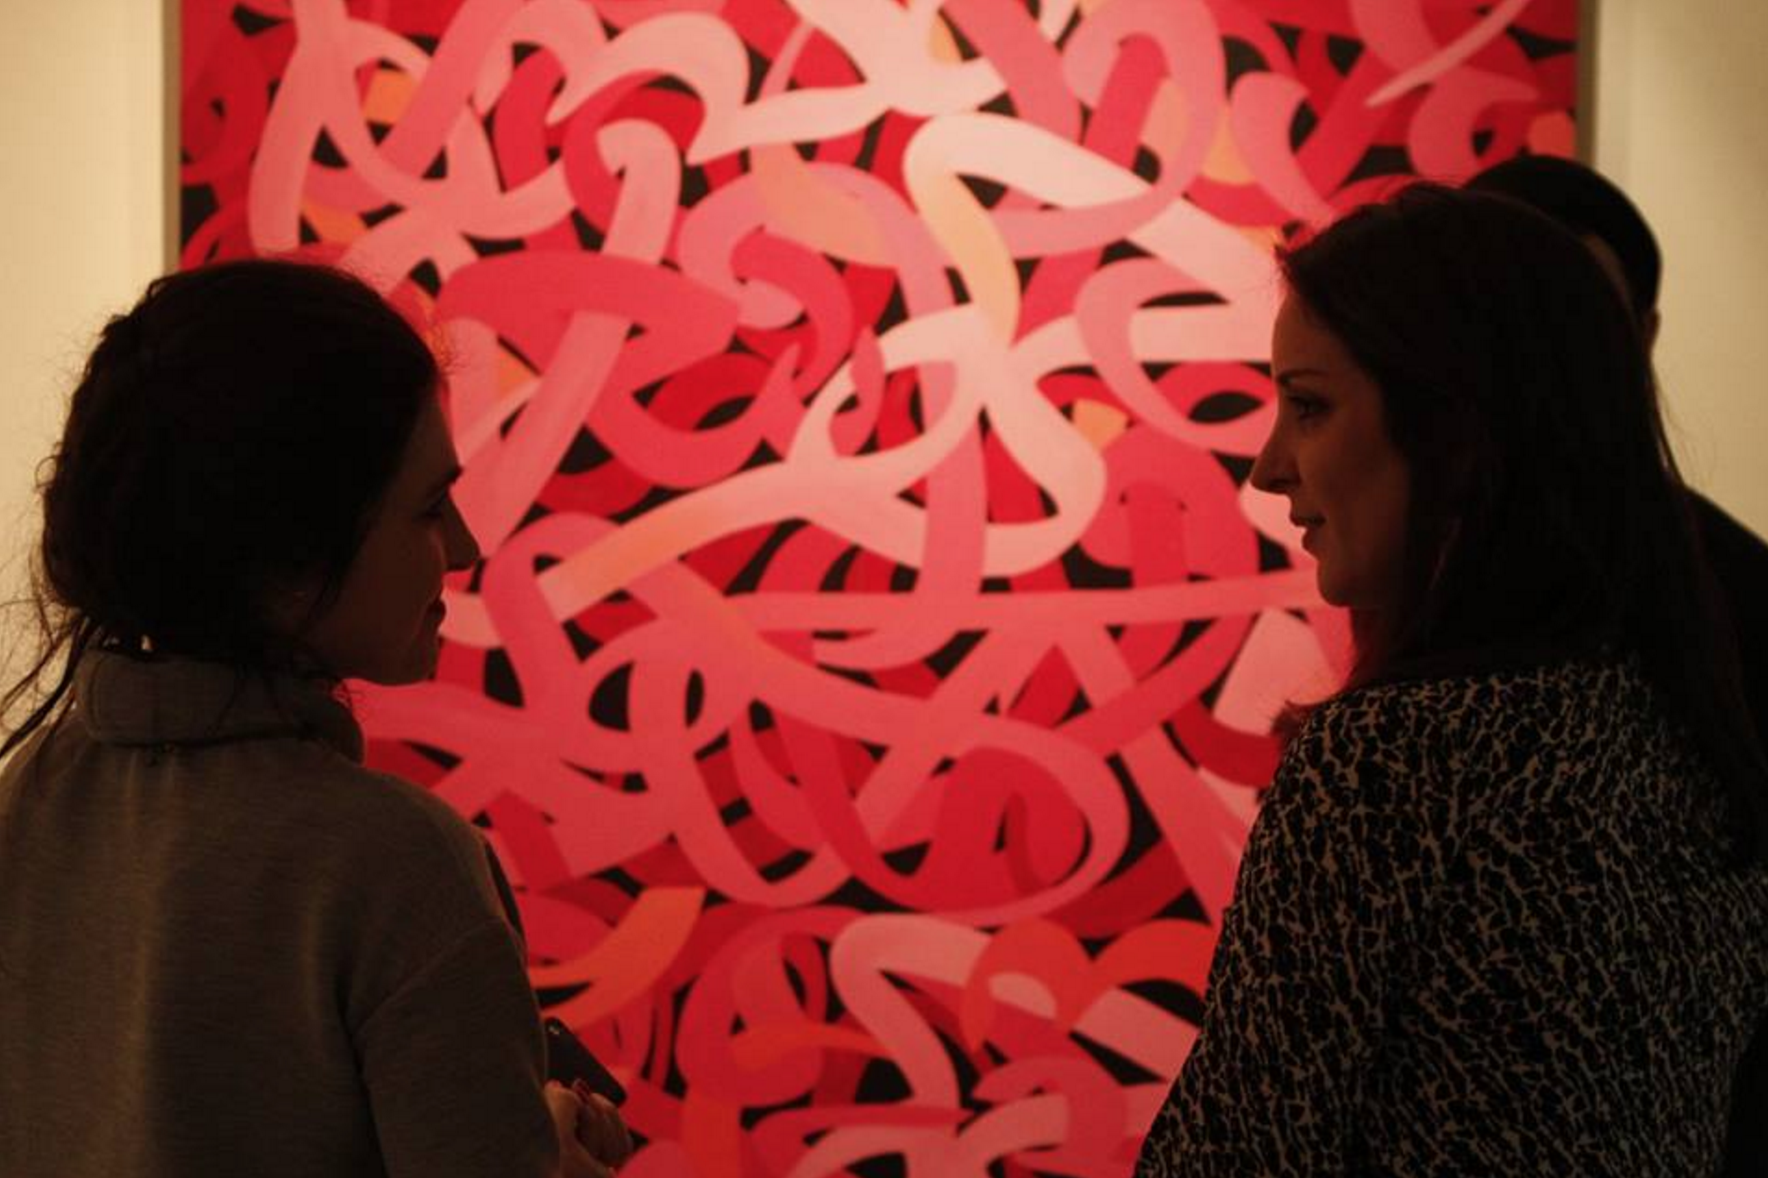 Art Maison Exhibition in Beirut with Iranian Artist Salar Ahmadian